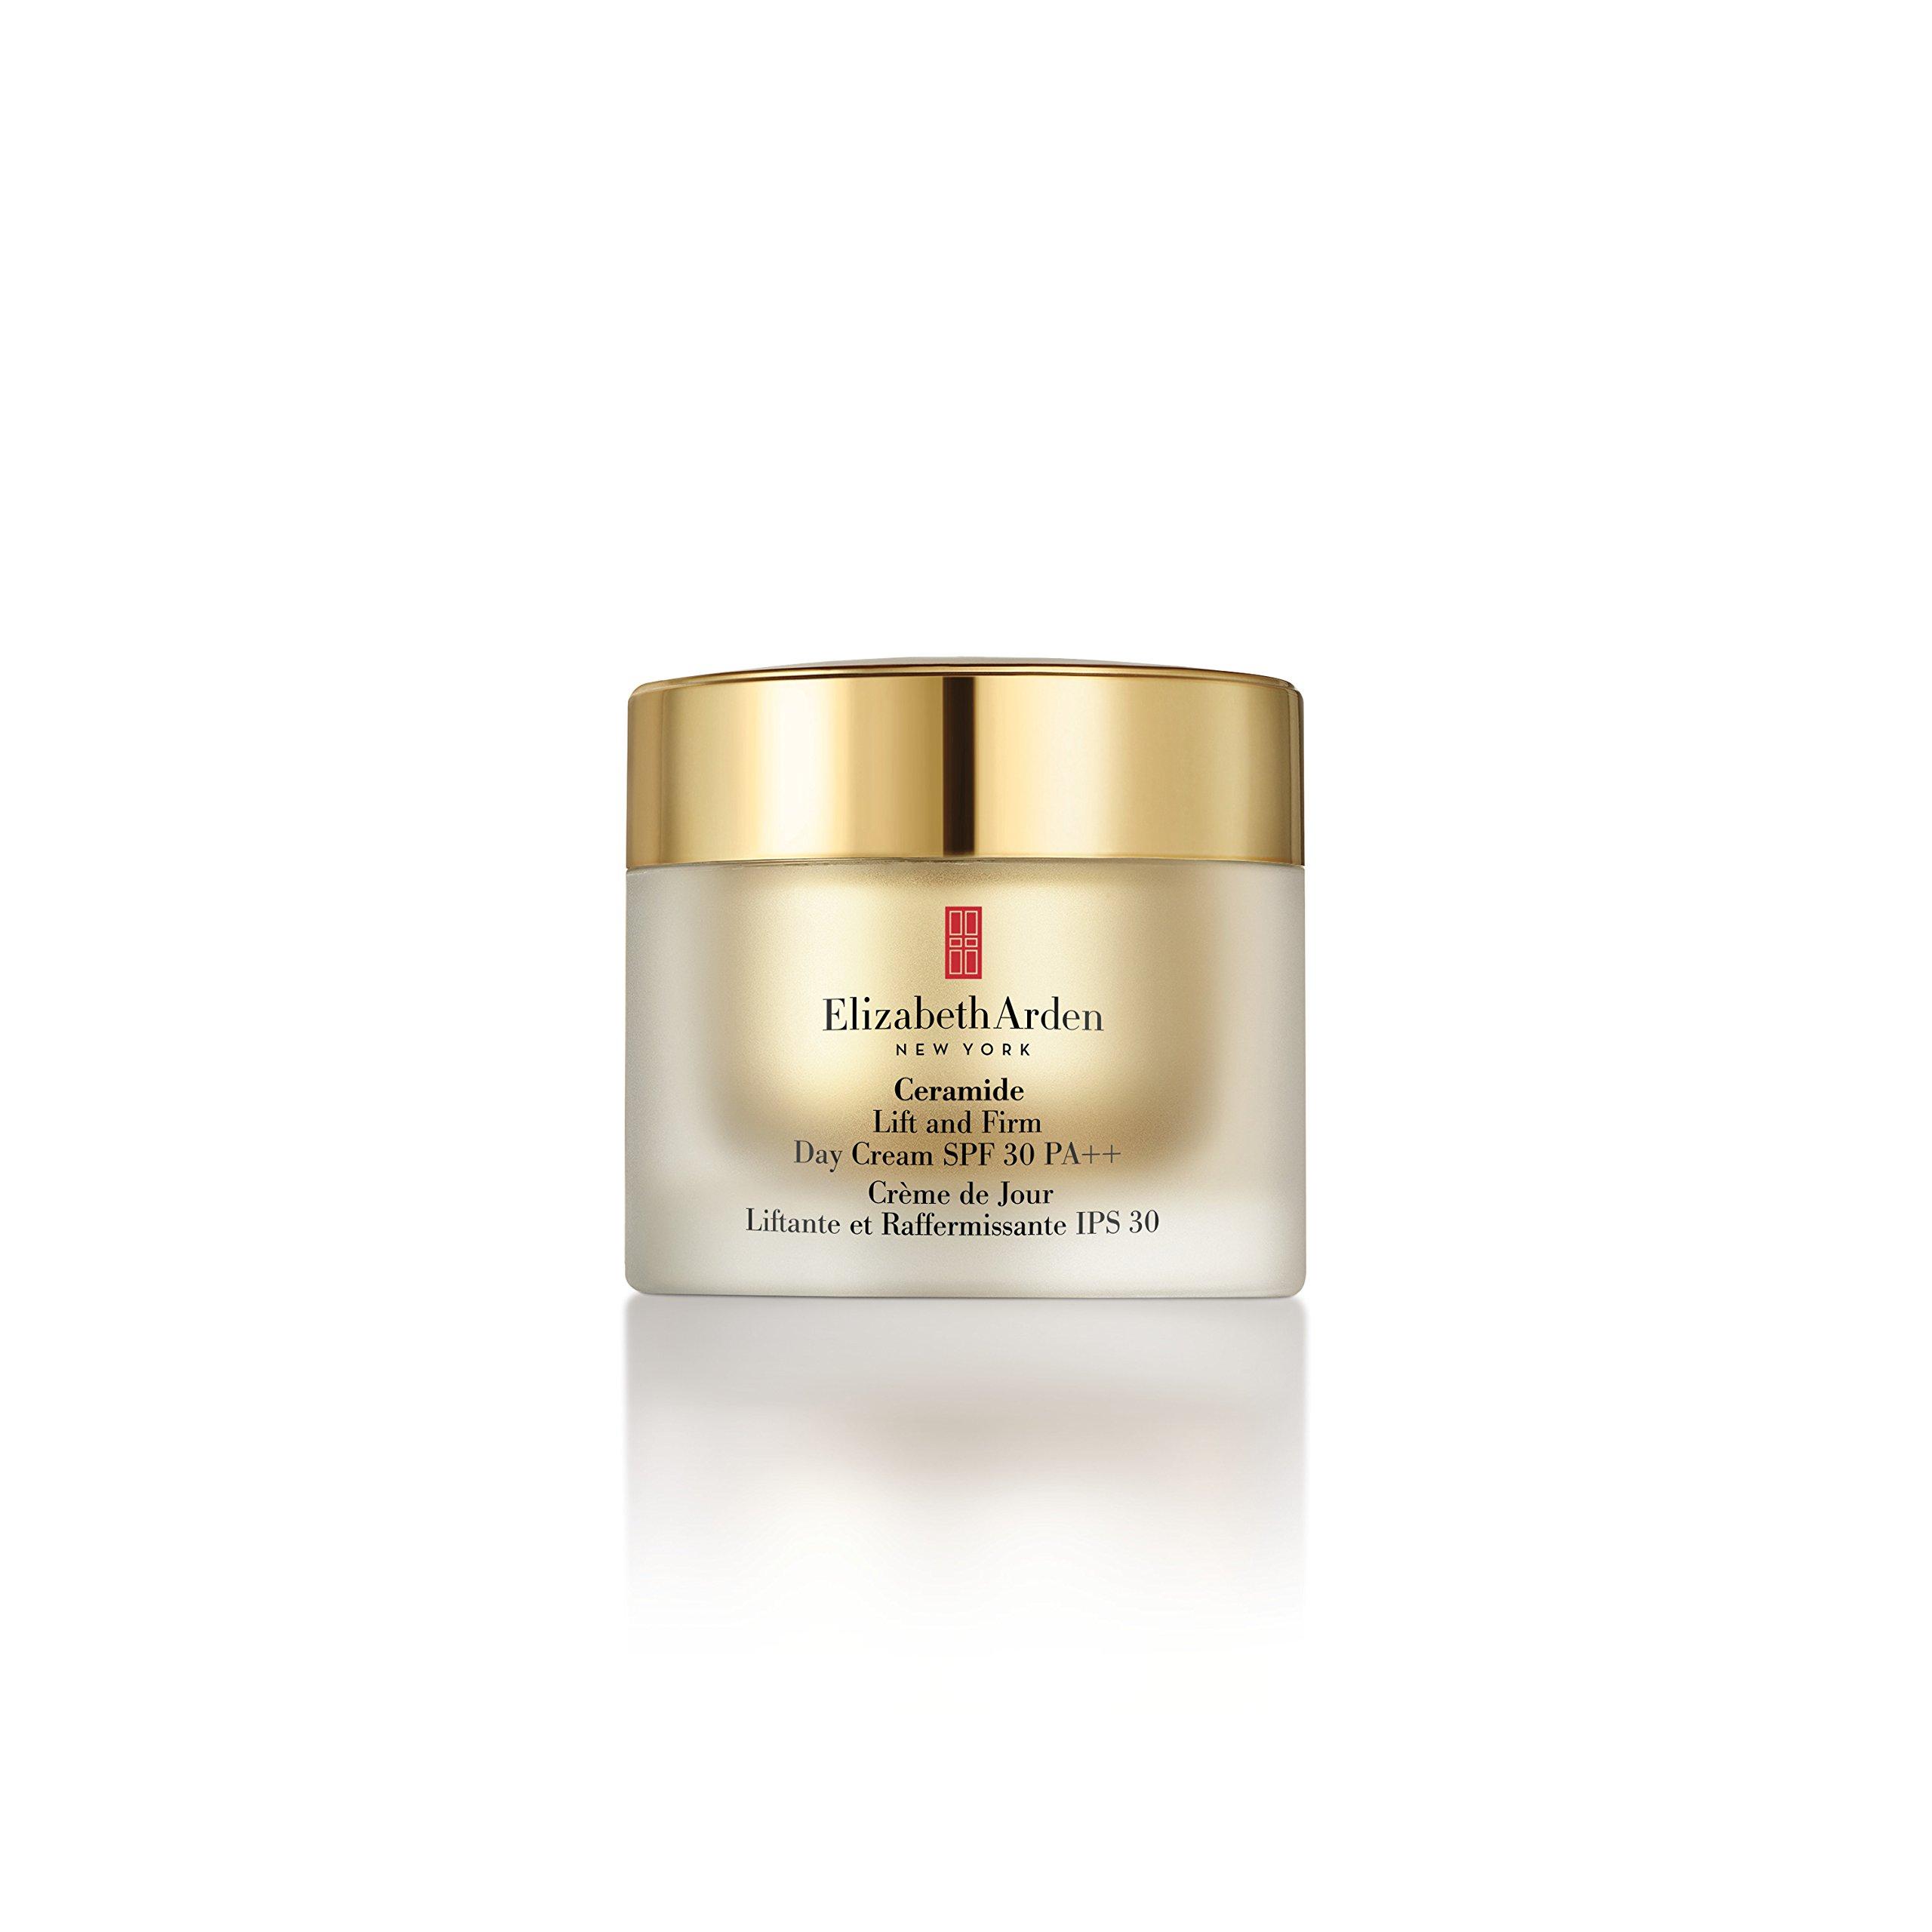 Elizabeth Arden Ceramide Lift and Firm Day Cream Broad Spectrum Sunscreen SPF 30, 1.7 oz. by Elizabeth Arden